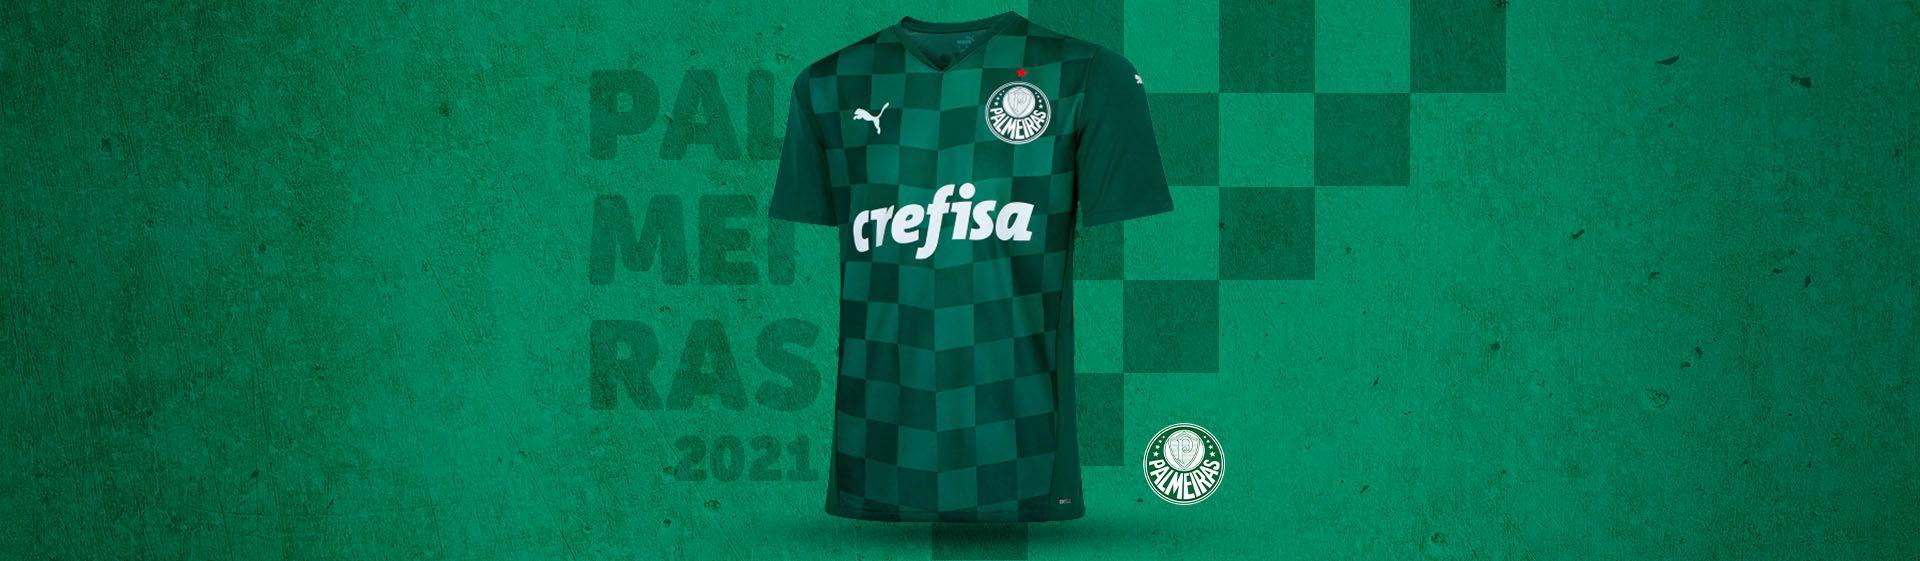 Camisa do Palmeiras: camisas do Palmeiras para comprar em 2021